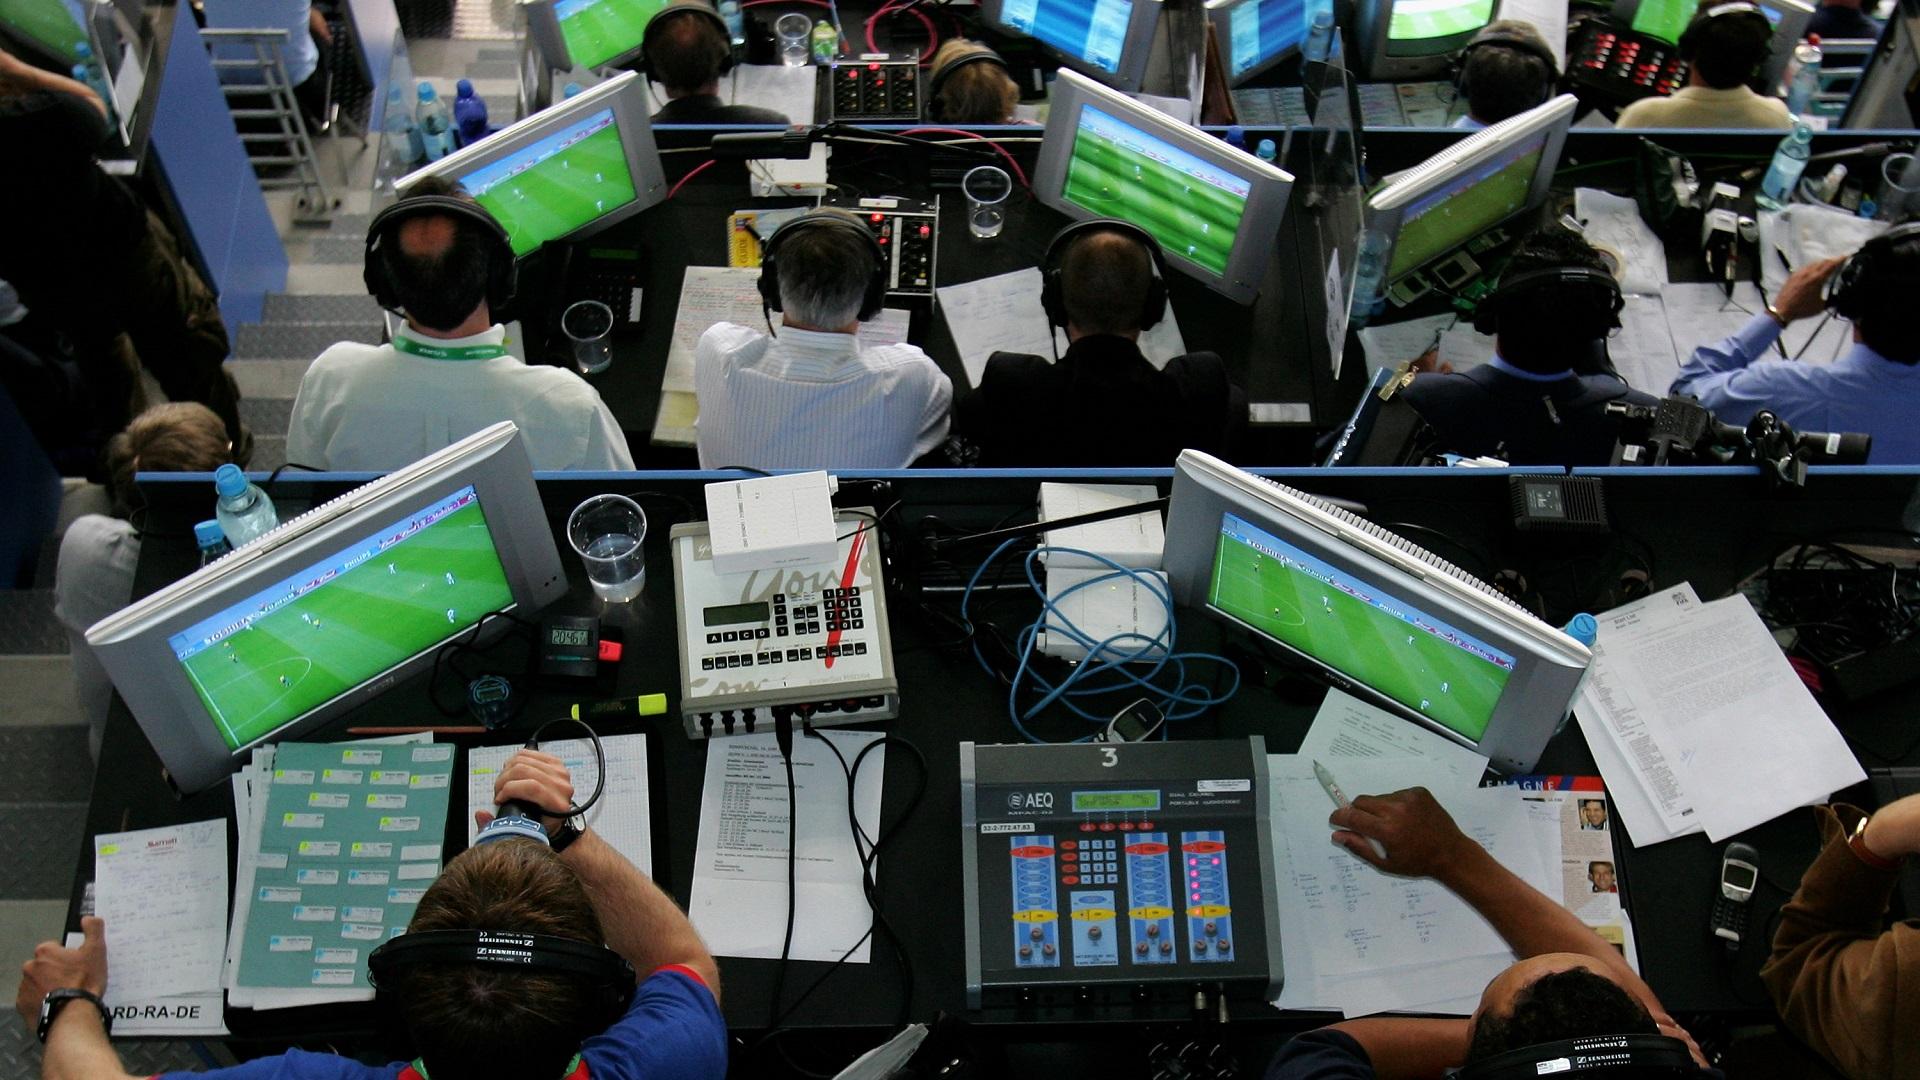 2015 Confederations Cup commentators